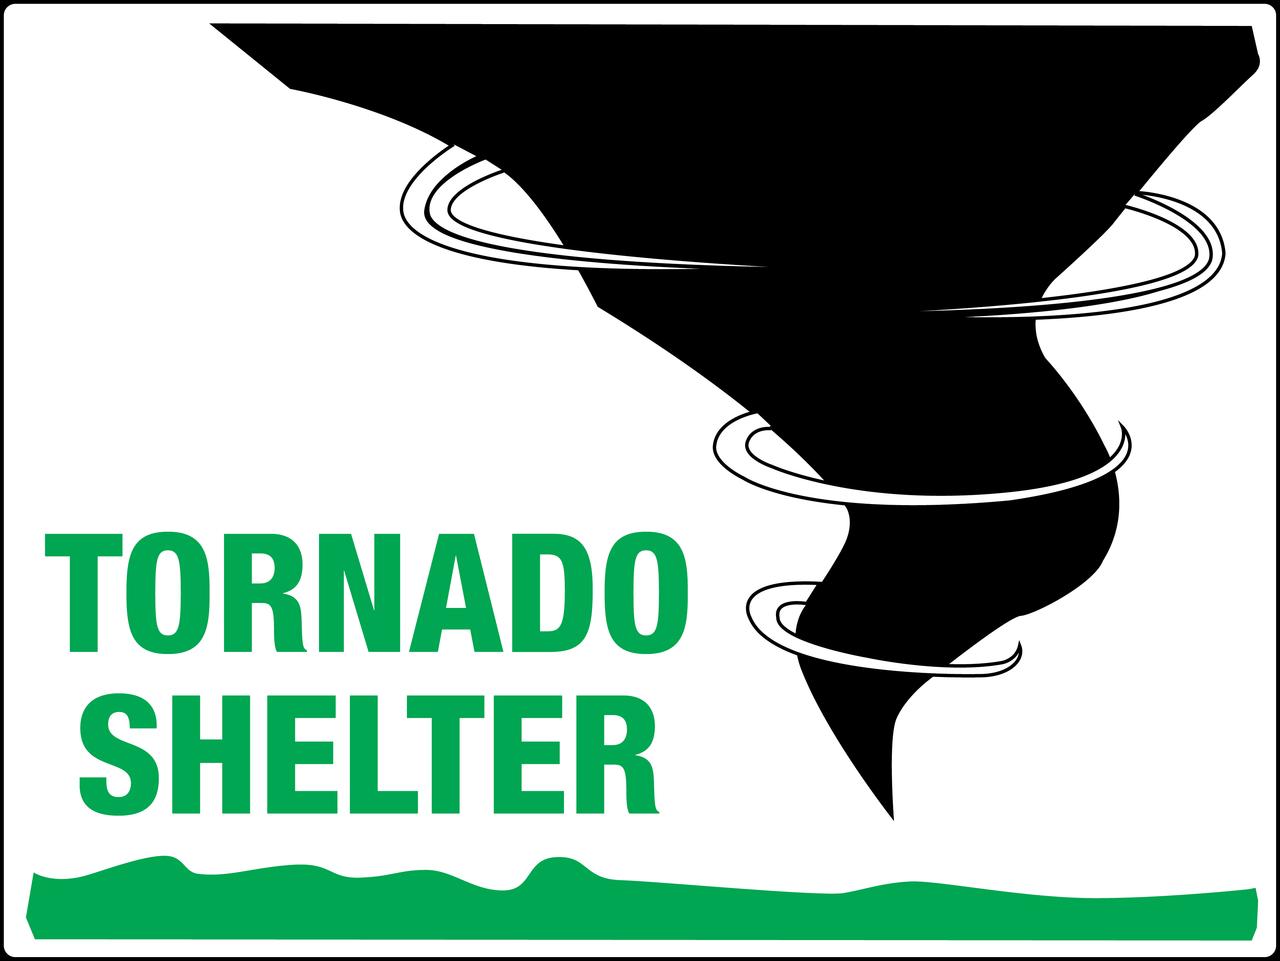 Tornado Shelter Signs.